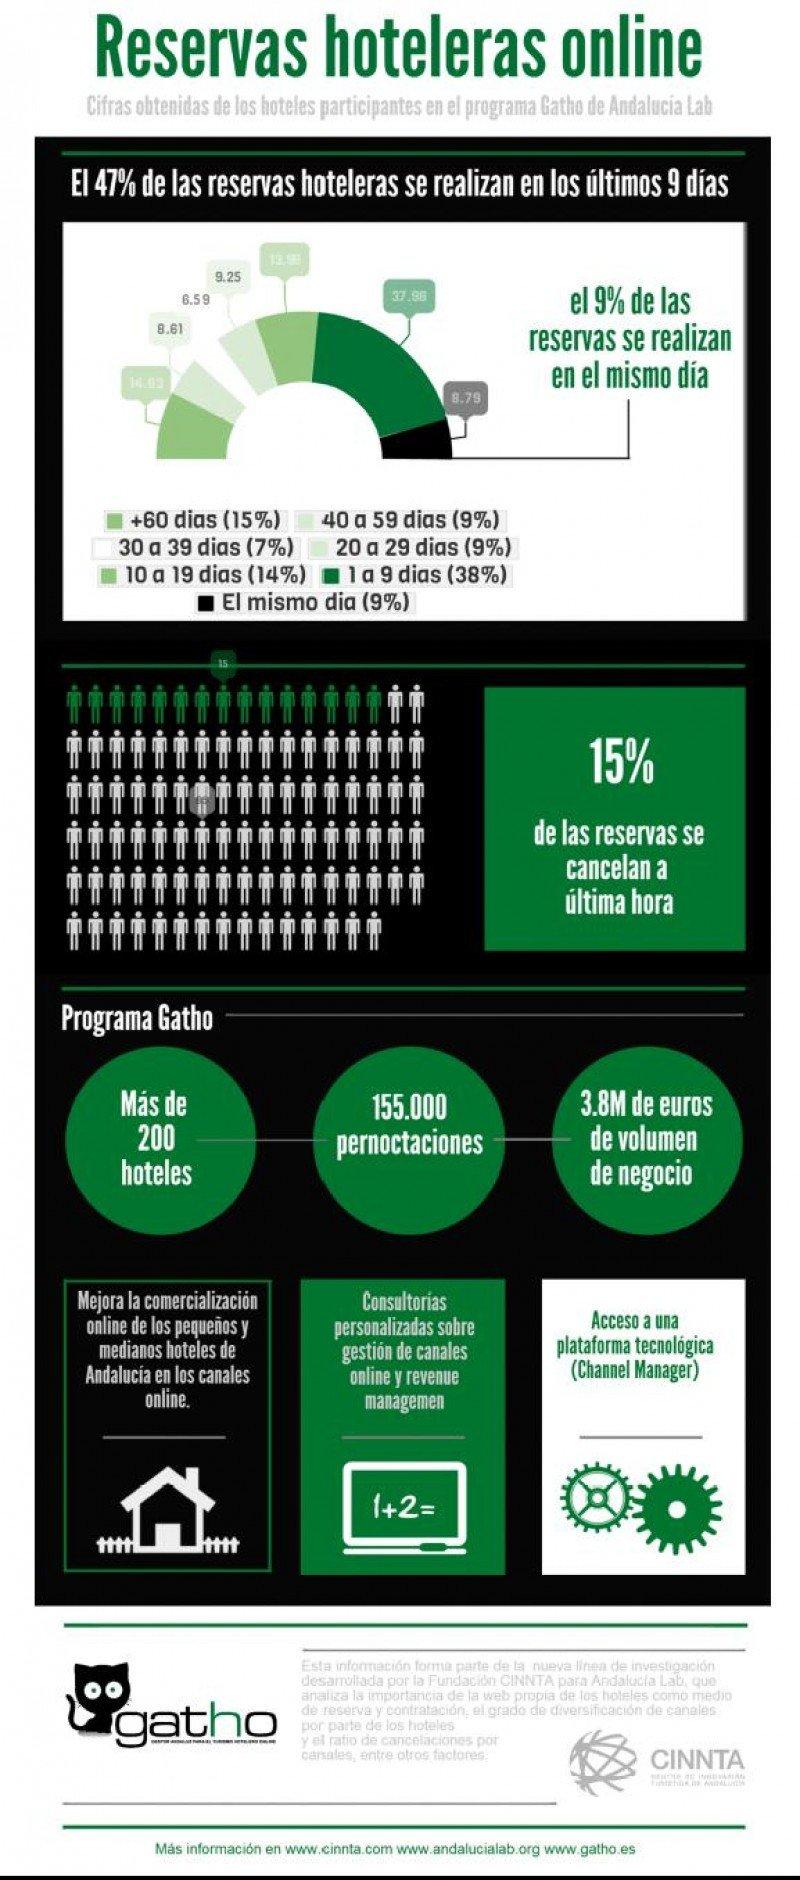 Infografía del estudio realizado por la Fundación Cinnta para Andalucía Lab en el marco del programa Gatho.